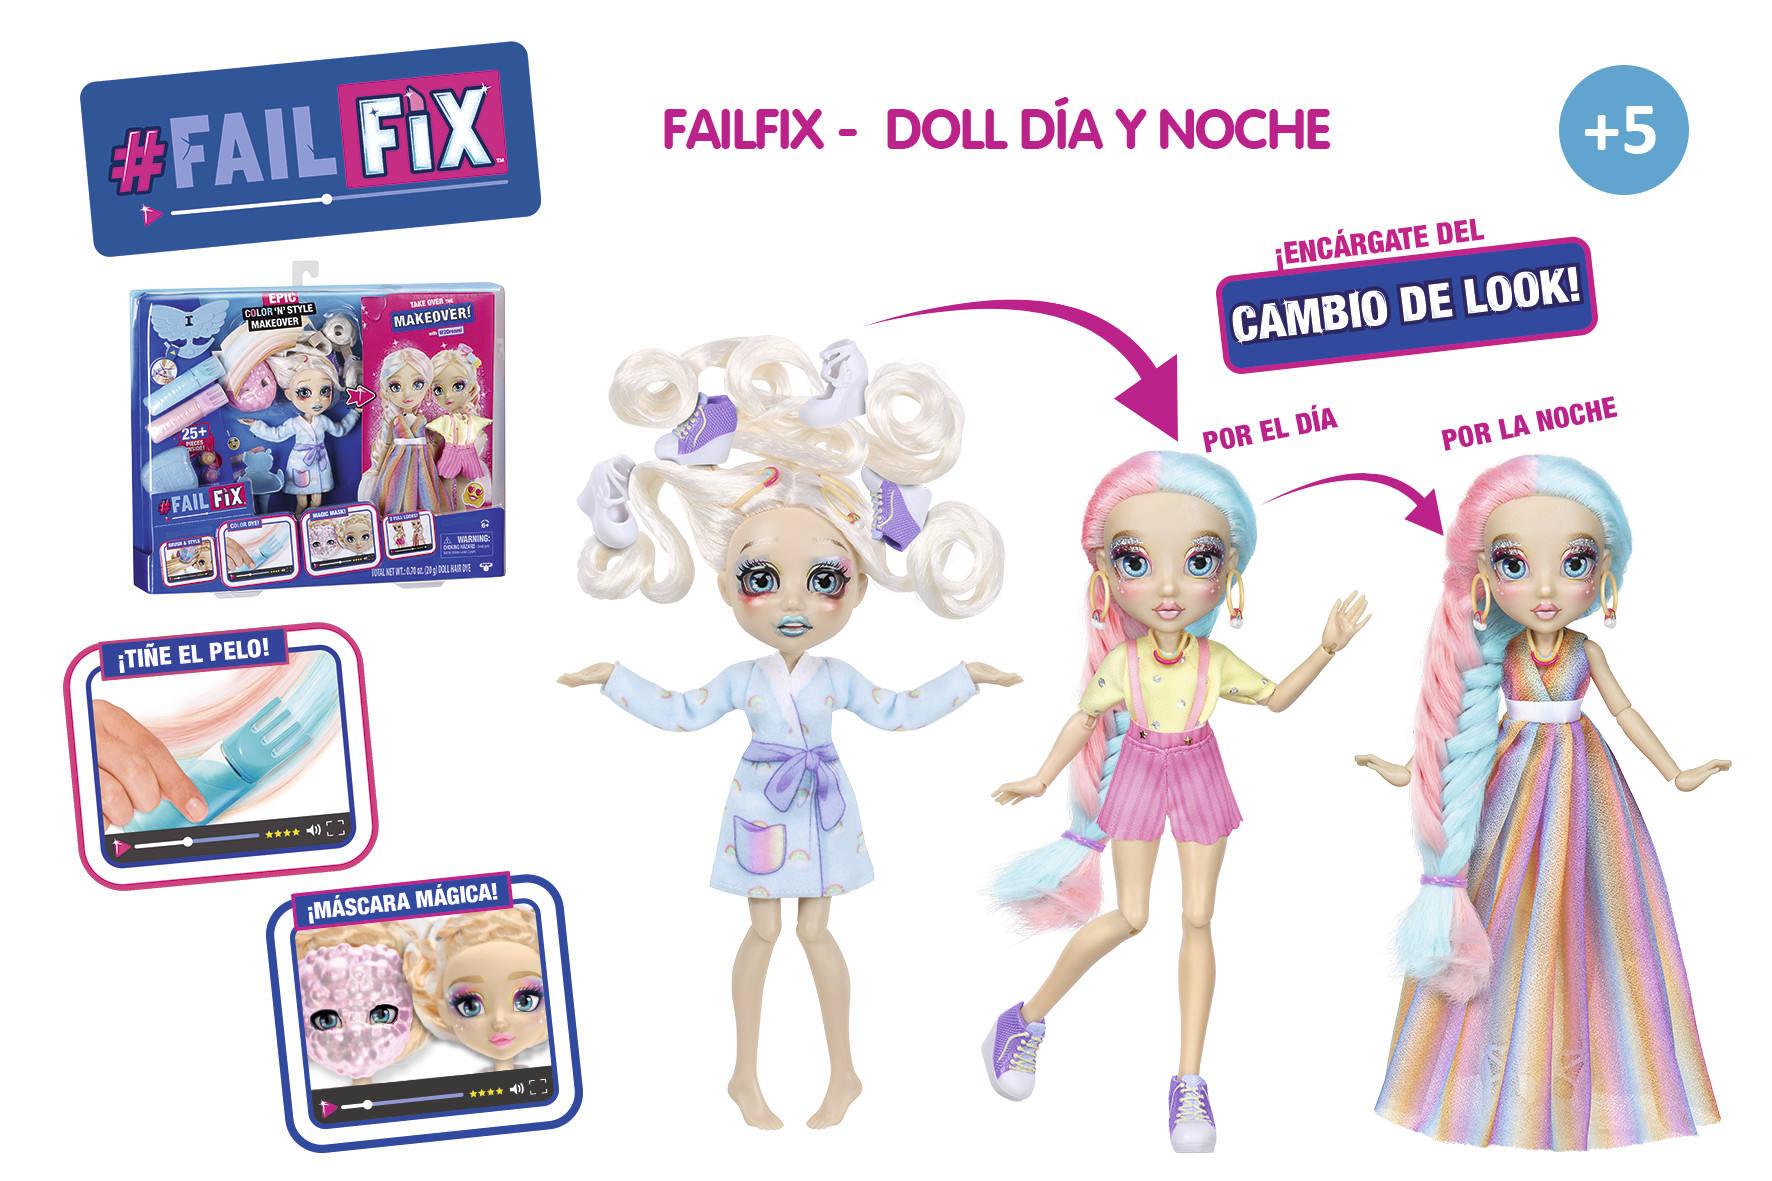 FAILFIX DOLL DIA Y NOCHE 16077 - N37320